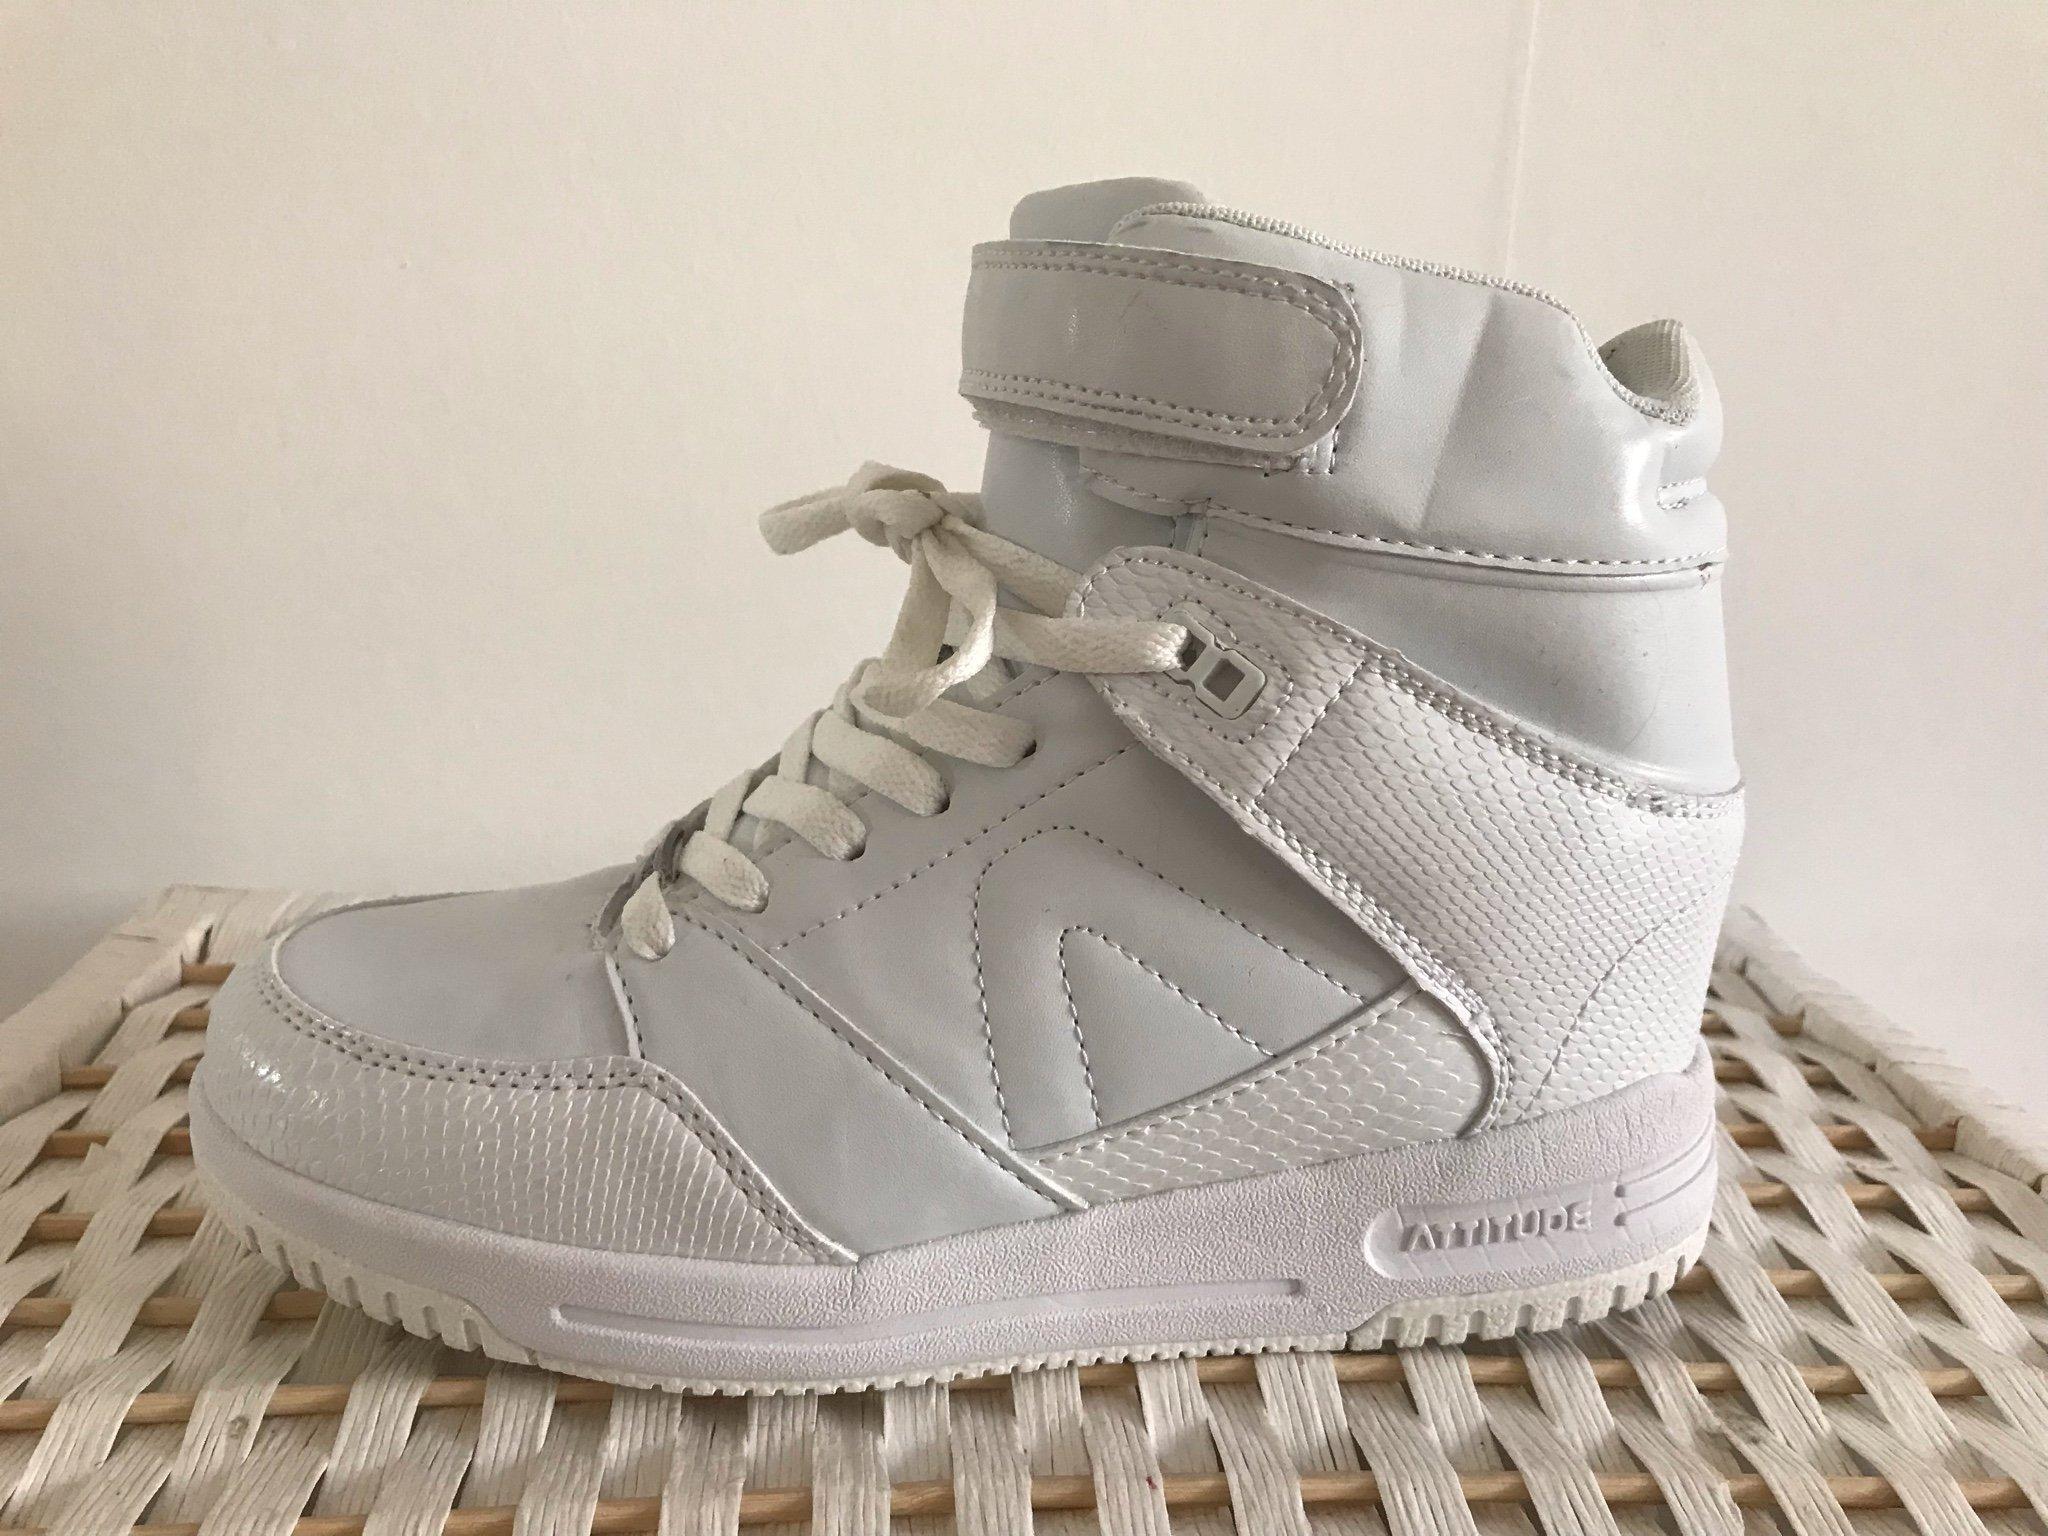 5ad98a188f9 Vita sneakers DinSko strl 39, kilklack (349136352) ᐈ Köp på Tradera